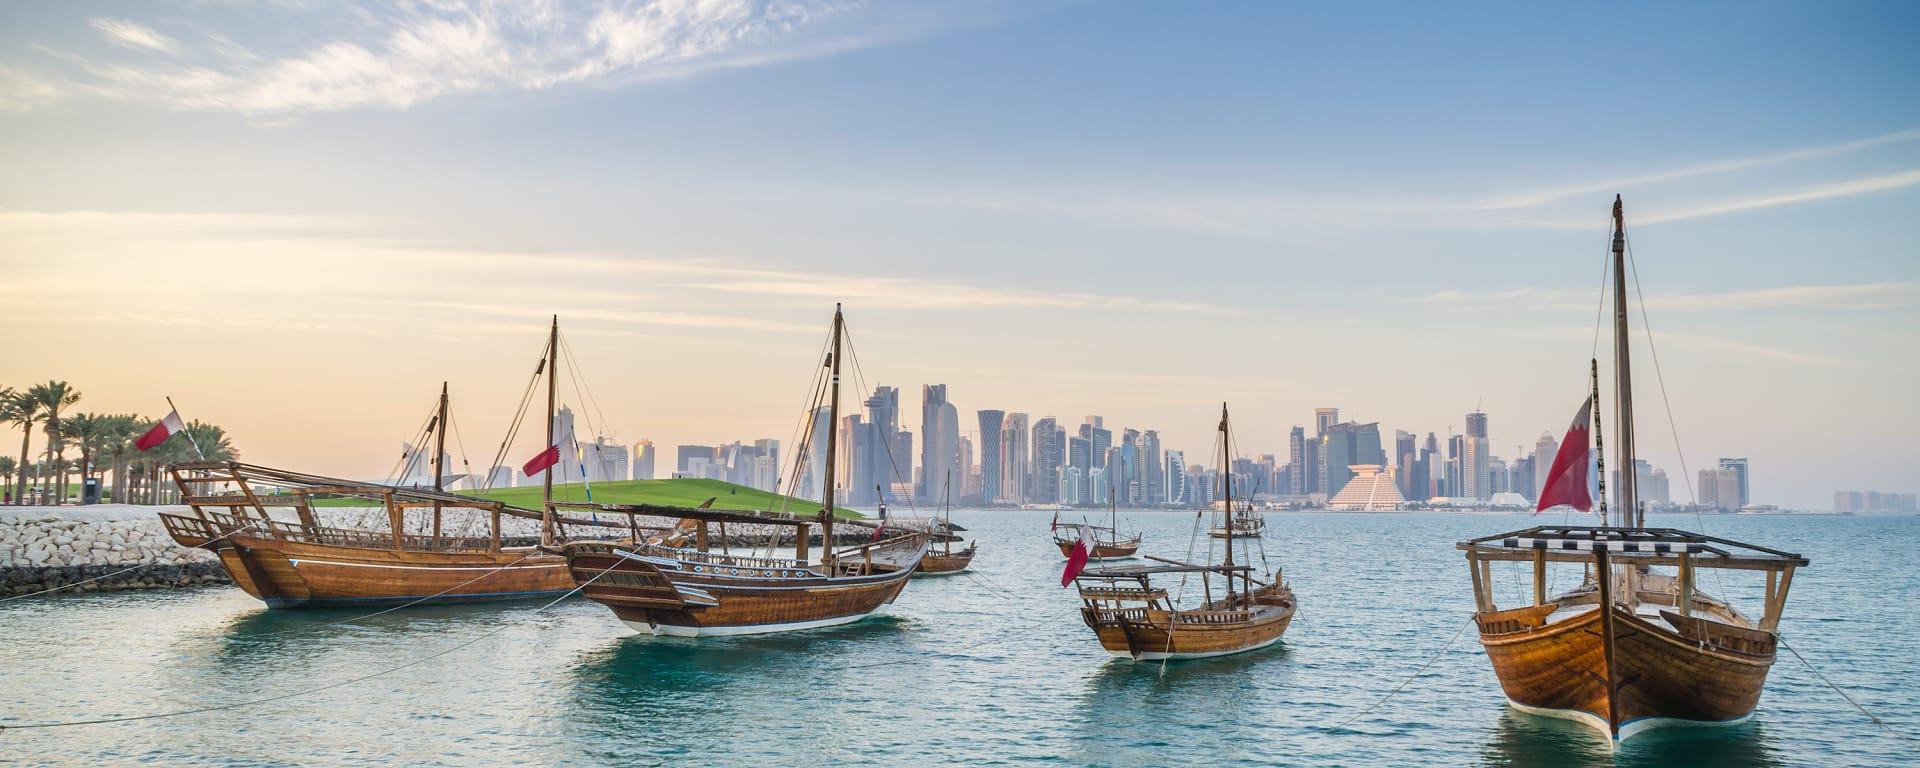 Qatar entdecken mit Tischler Reisen: Qatar Doha Skyline Dhaus